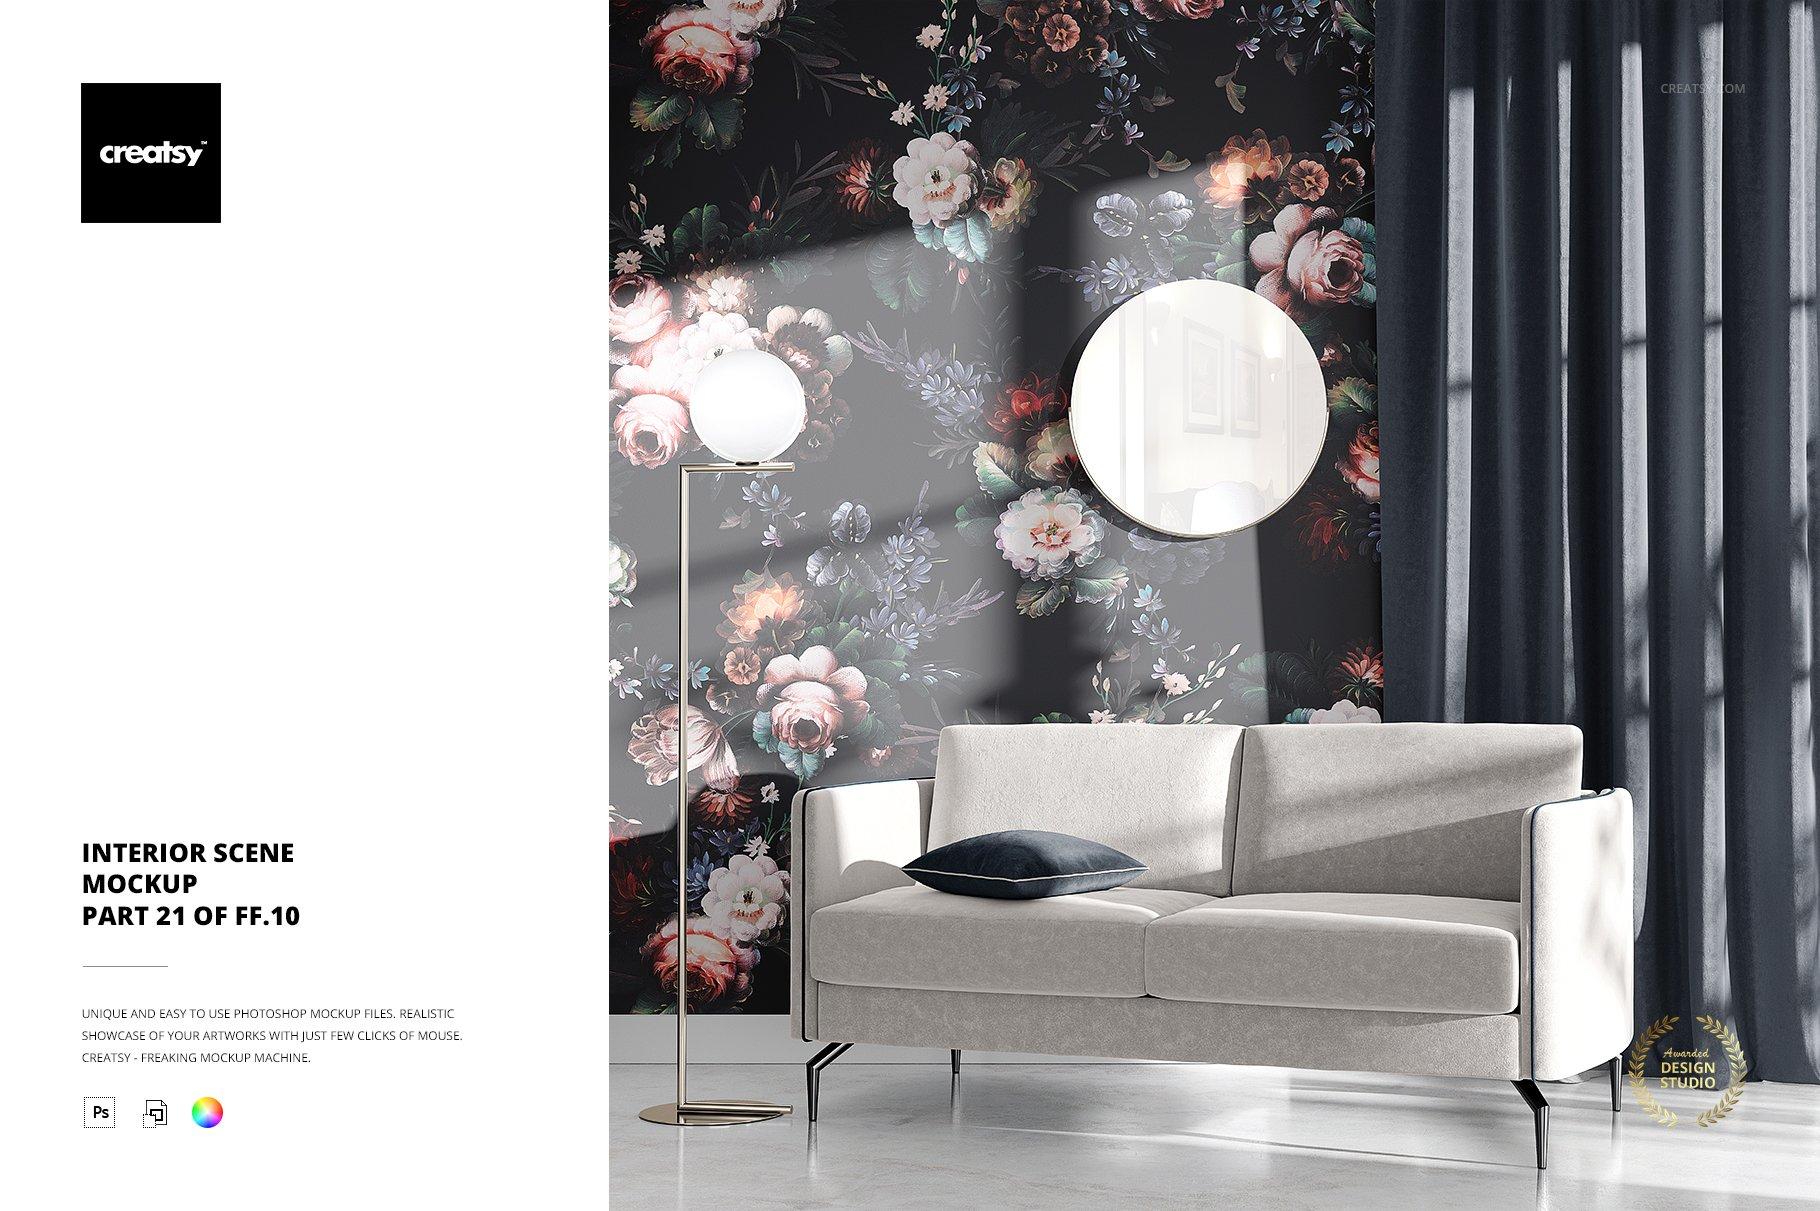 带阴影室内双人沙发印花图案设计PS贴图样机模板 Interior Scene Mockup插图